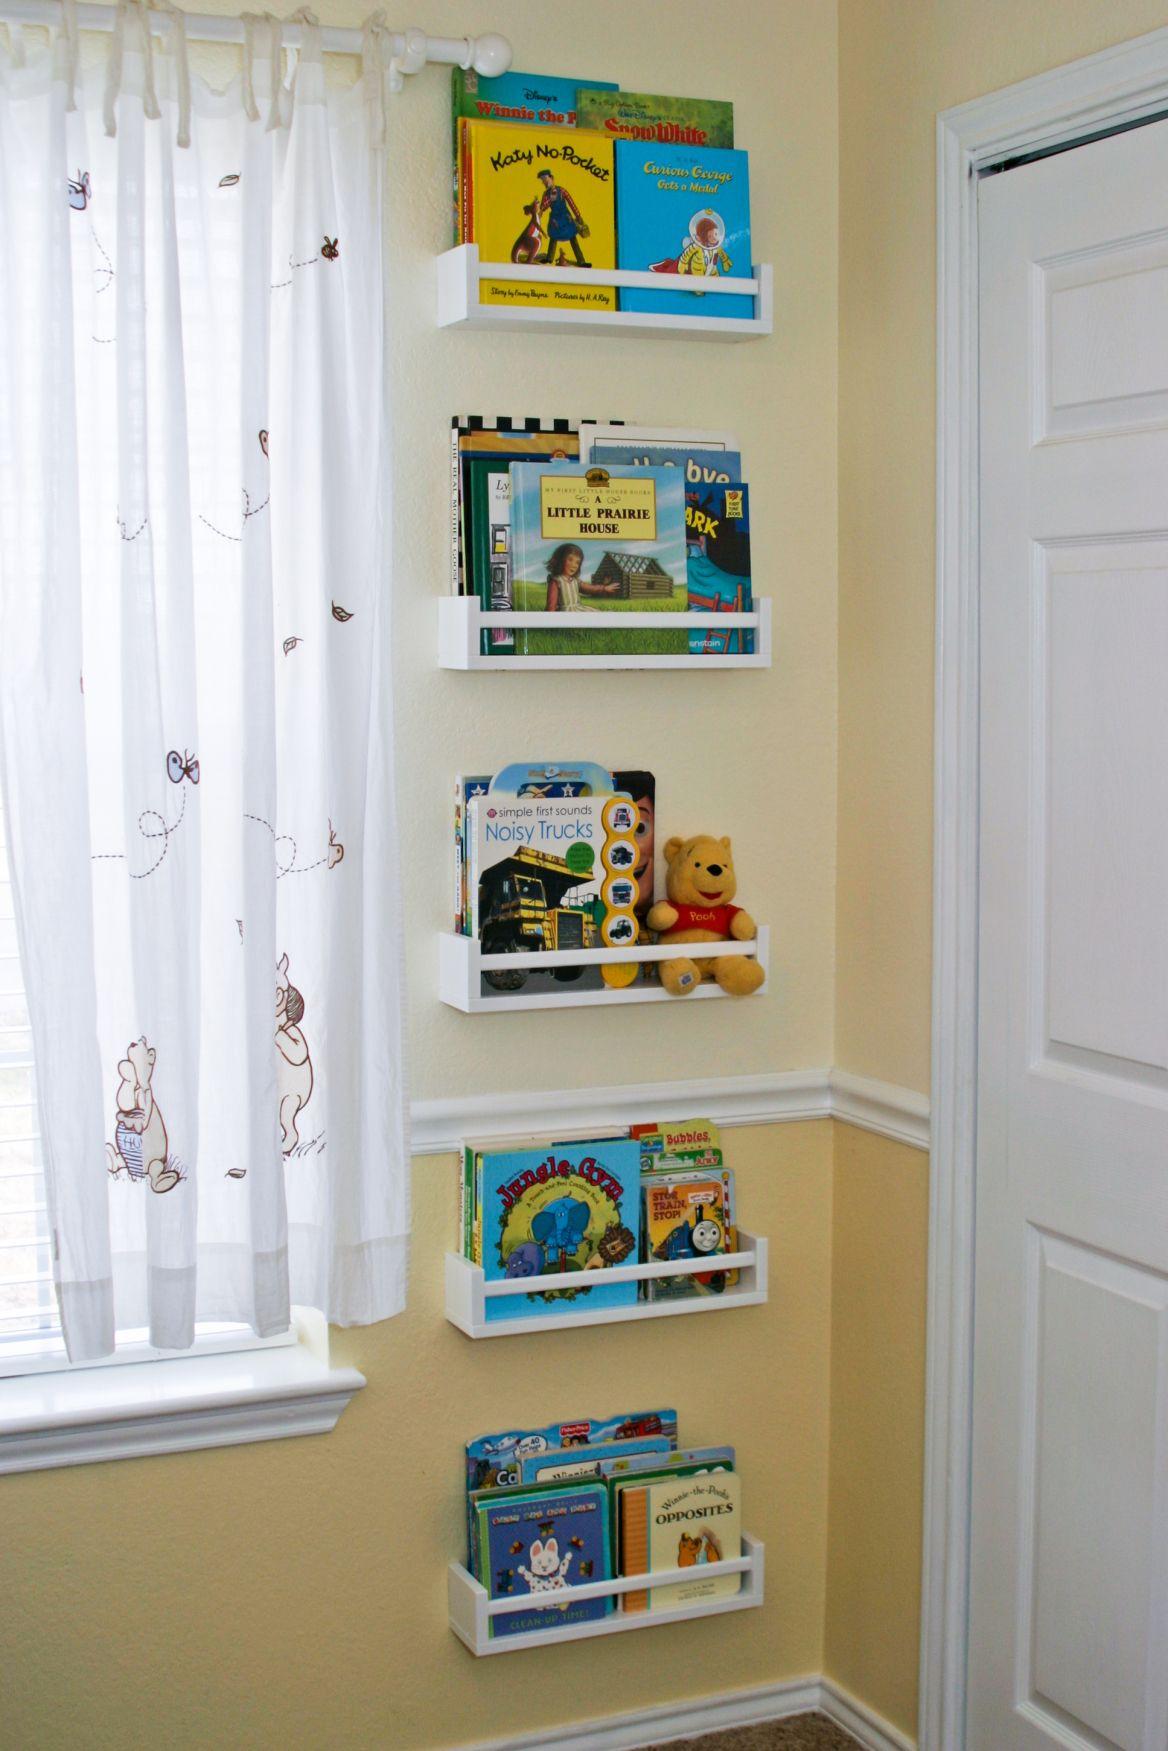 4 Ikea Spice Racks Turned Kids Bookshelves ~ Prateleira Em Quarto Infantil E Parede De Pvc Para Quarto